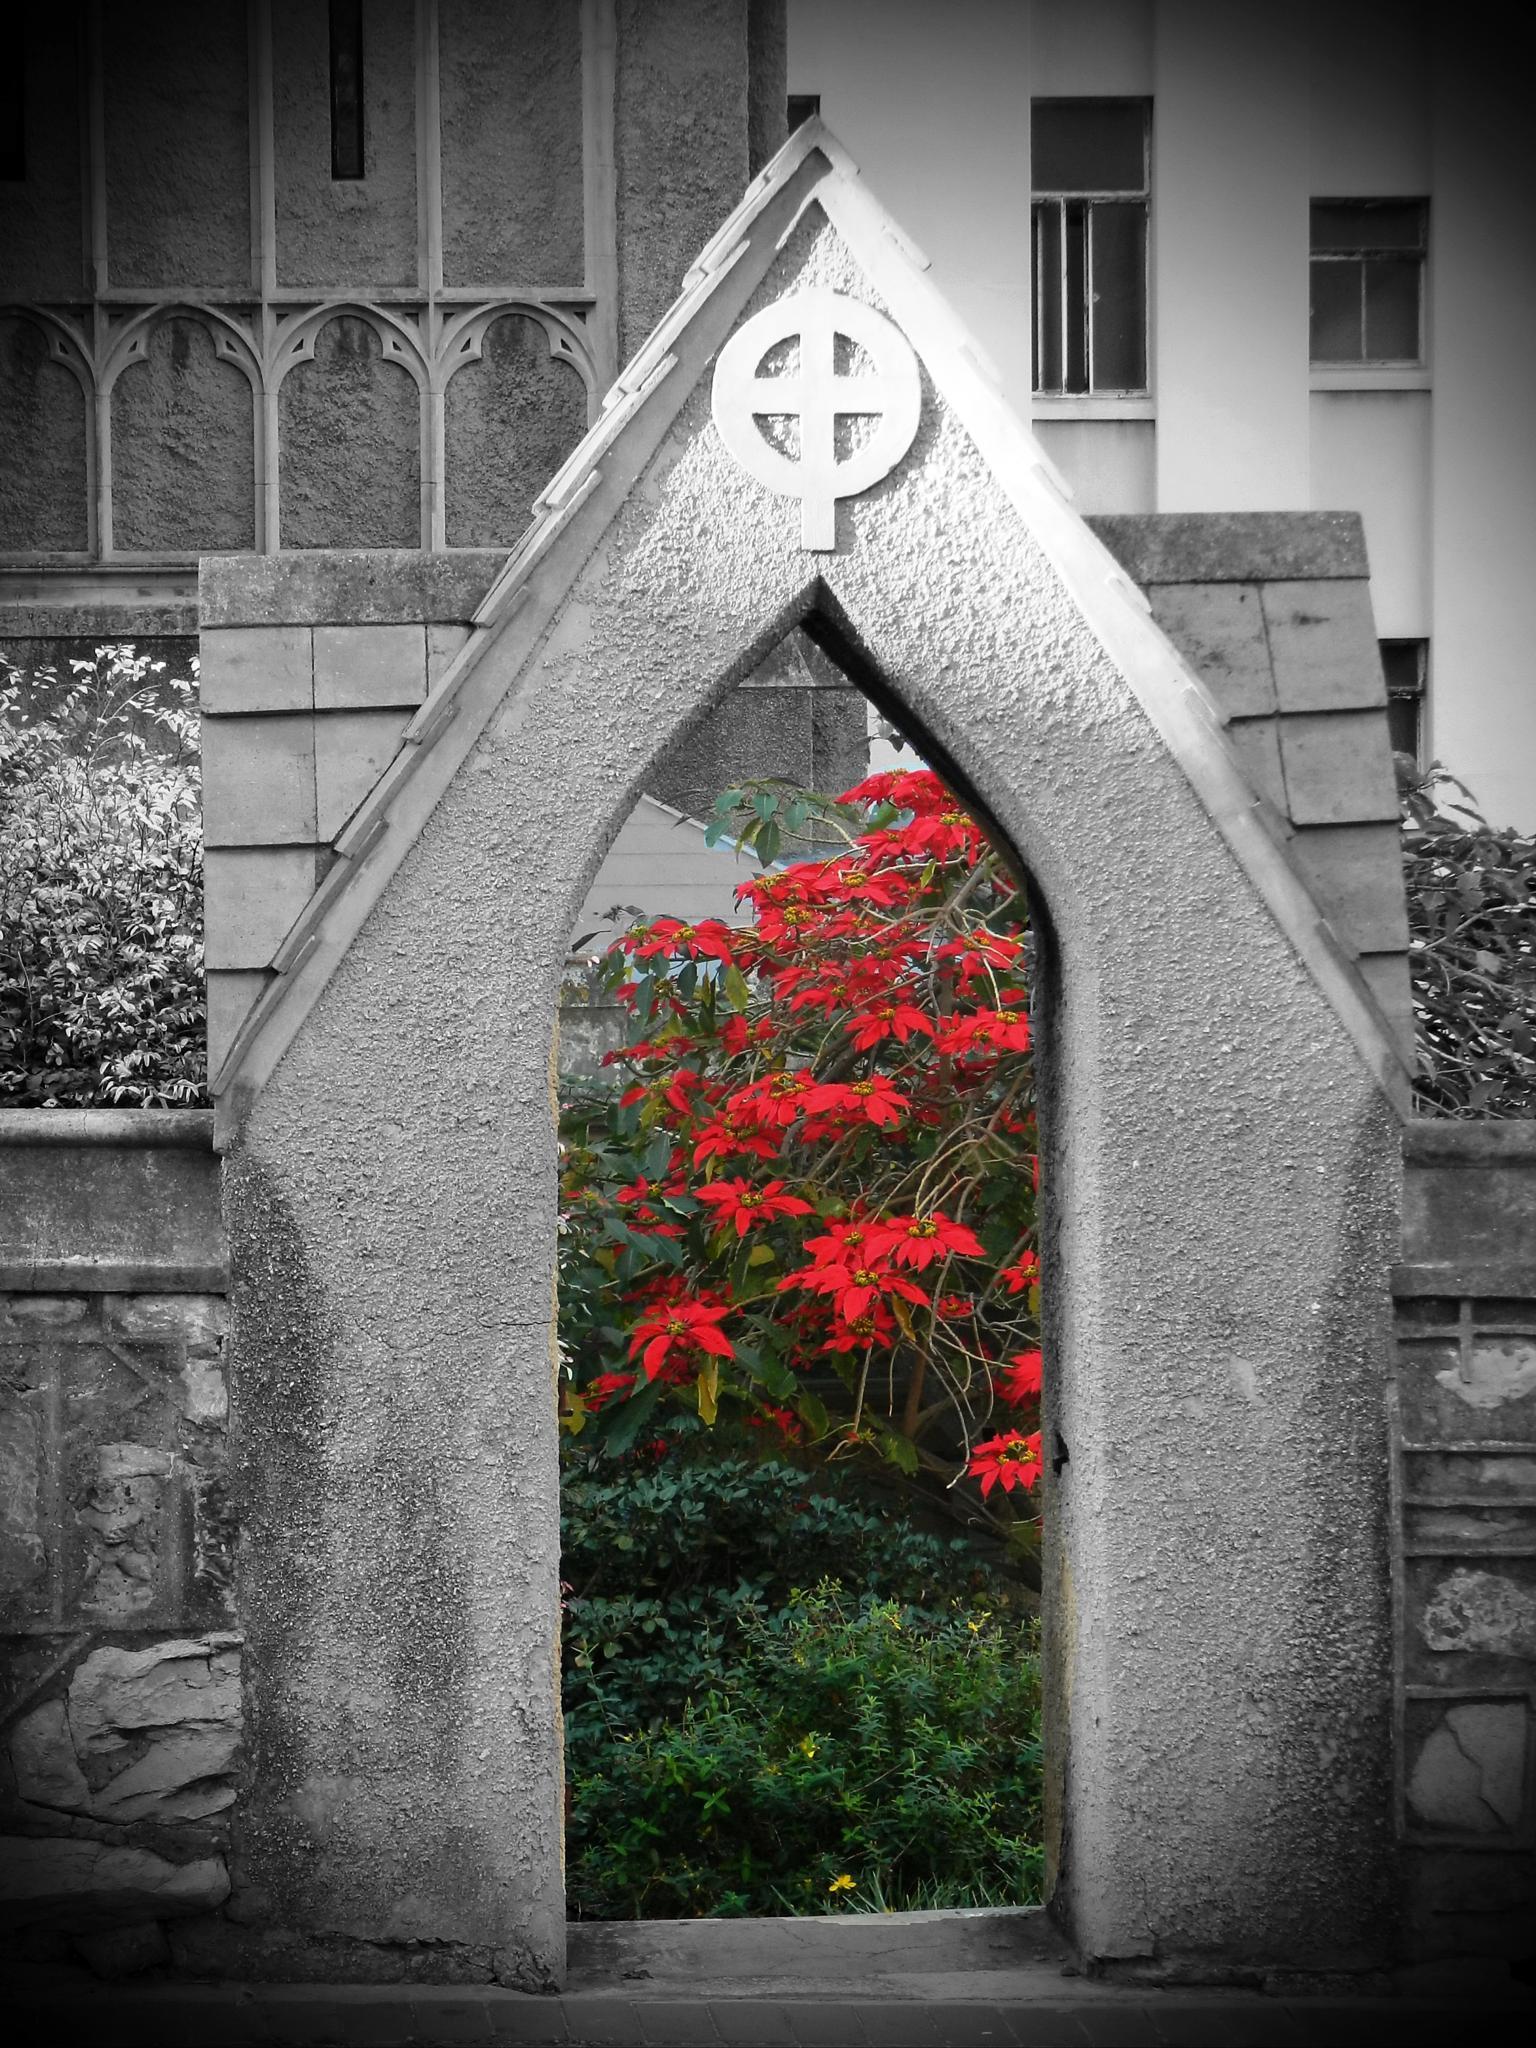 hidden garden by DeborahBooth